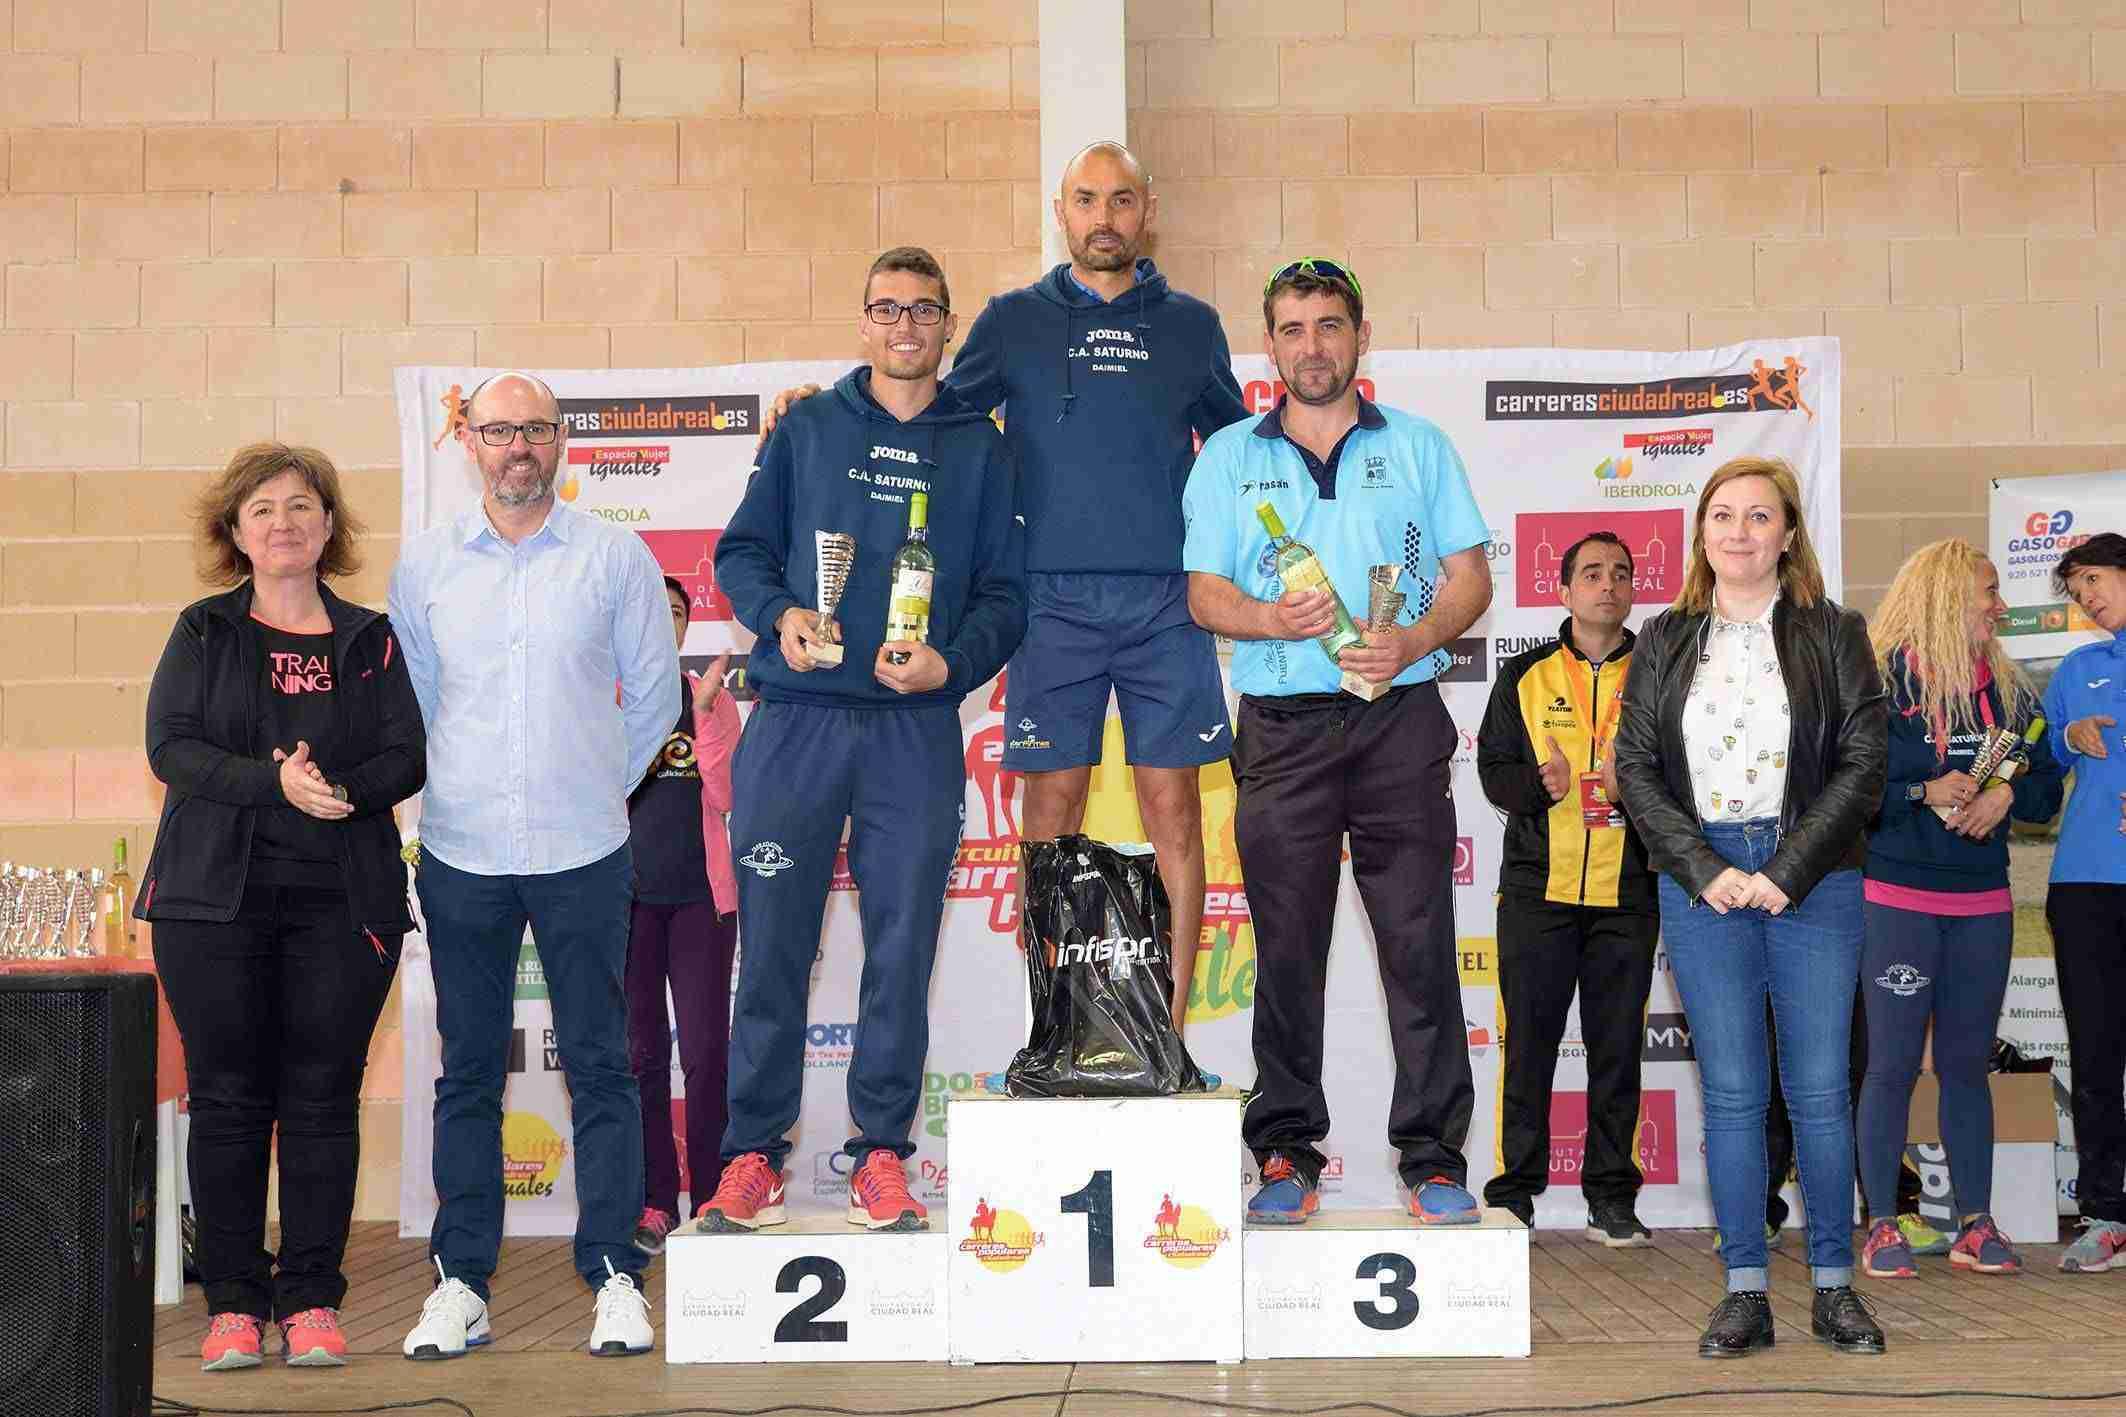 Alta participación en la carrera popular de Argamasilla de Alba 12